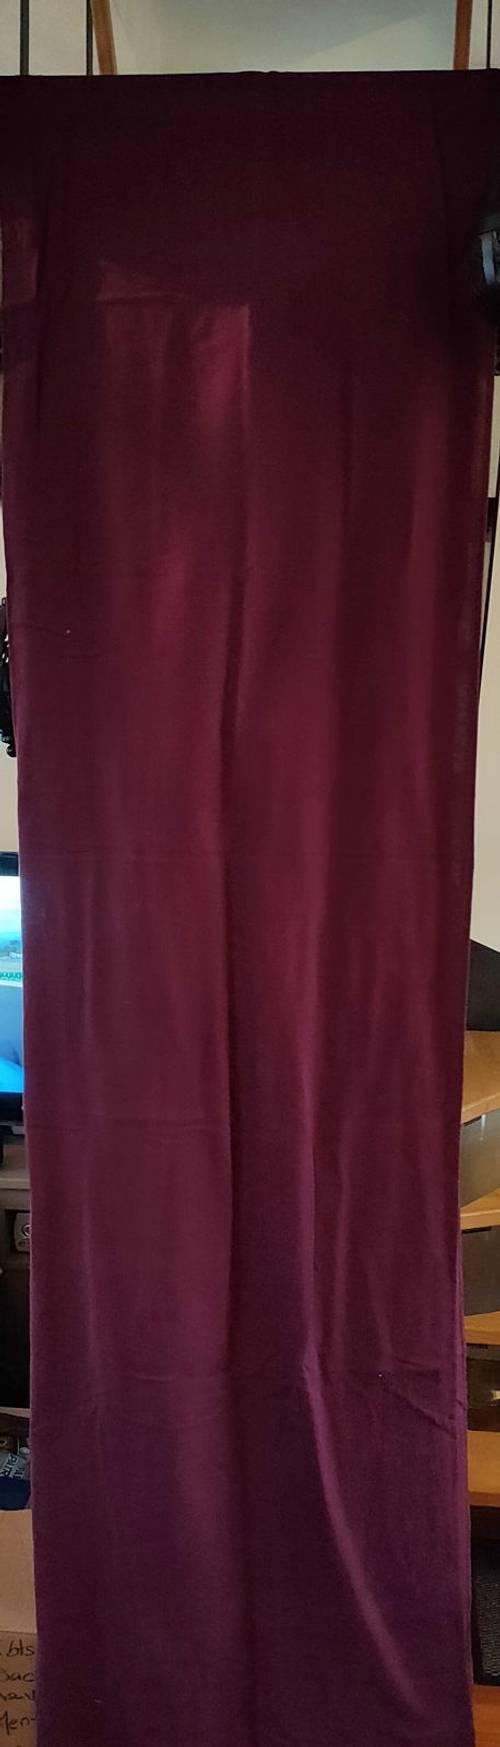 3pans de rideaux coton Parme